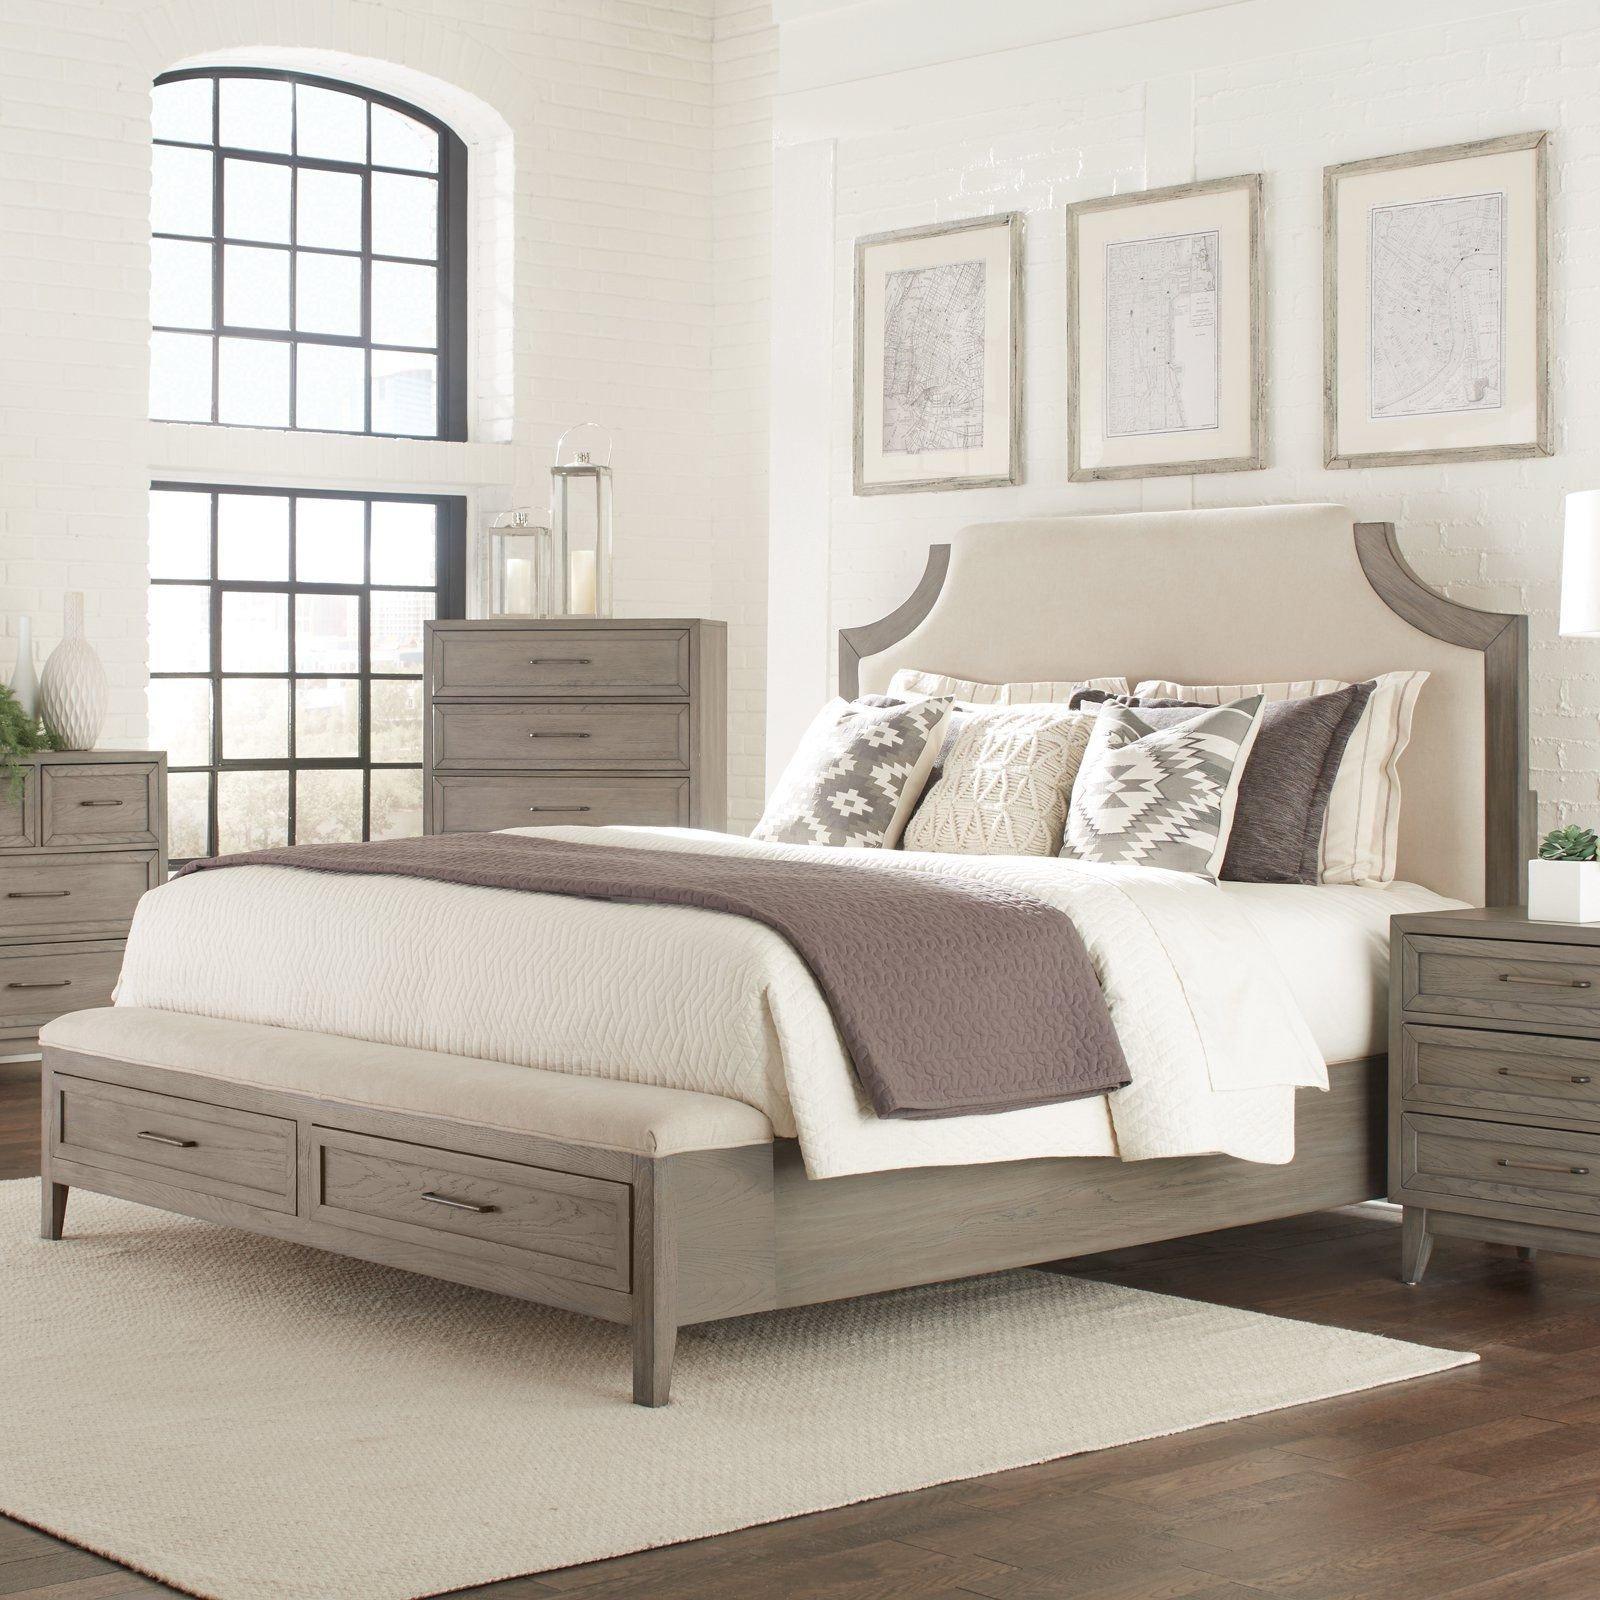 Used King Bedroom Set Awesome Riverside Furniture Vogue Upholstered Storage Bed Size